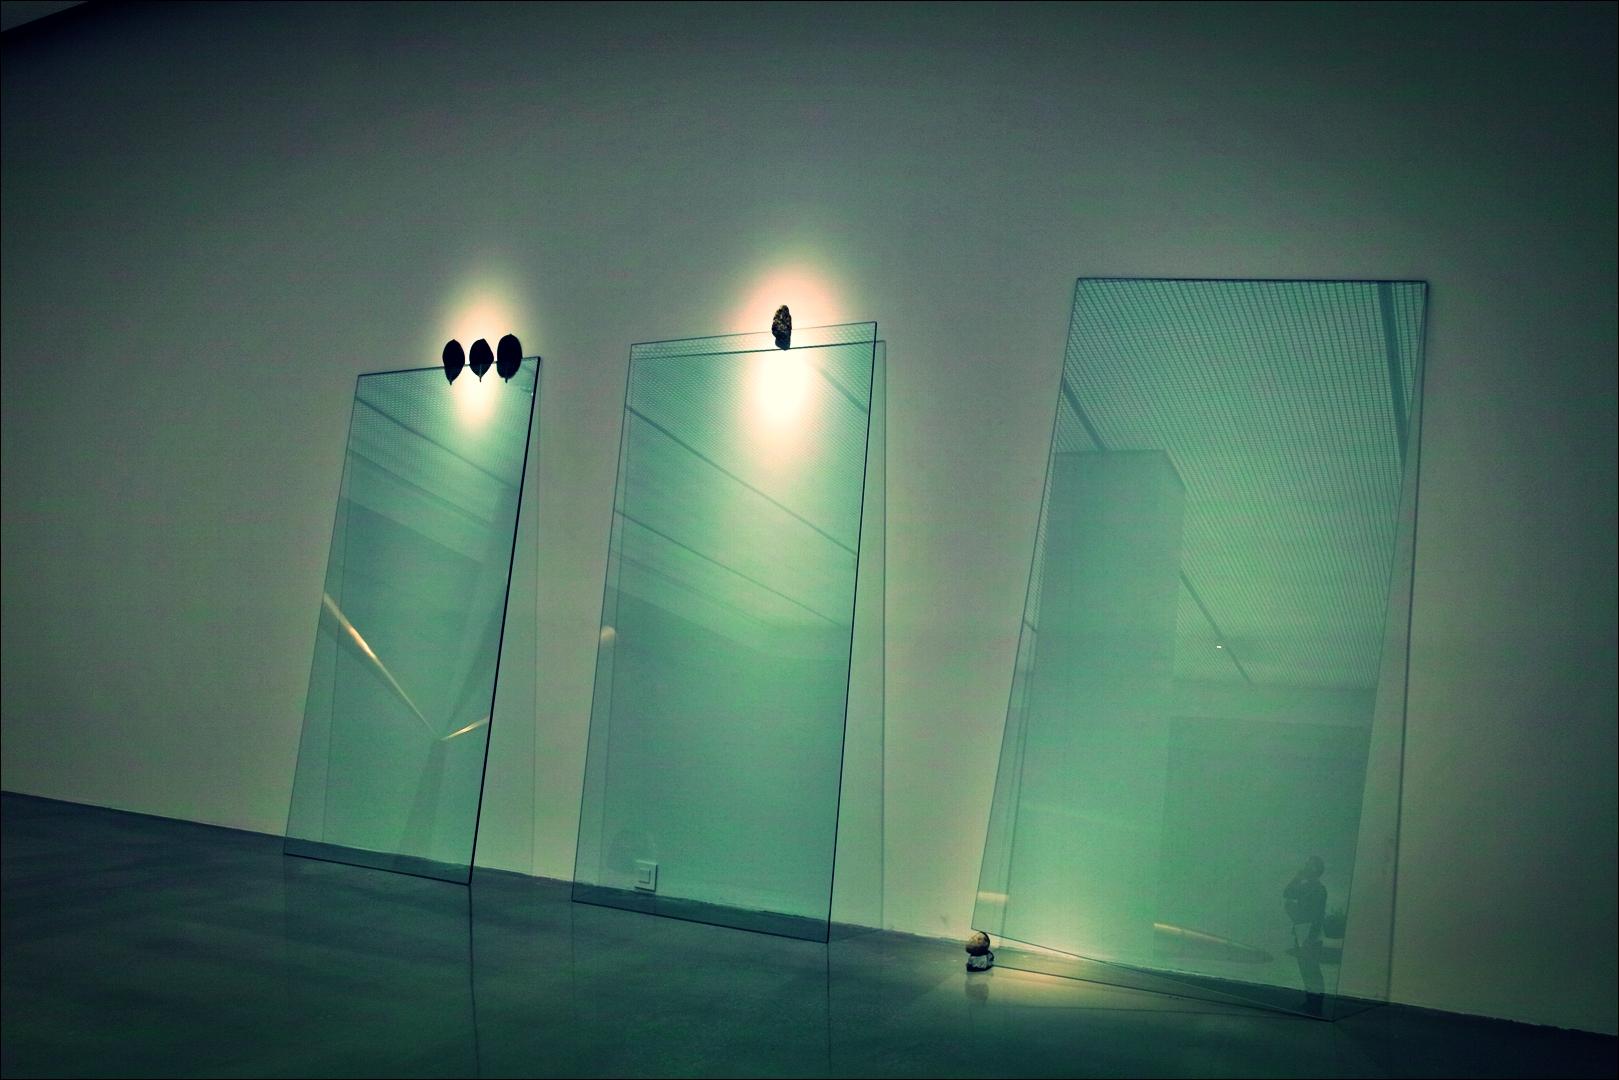 유리-'천안 아라리오 갤러리. 케이지 우에마츠 개인전. Keiji Uematsu - Invisible force'